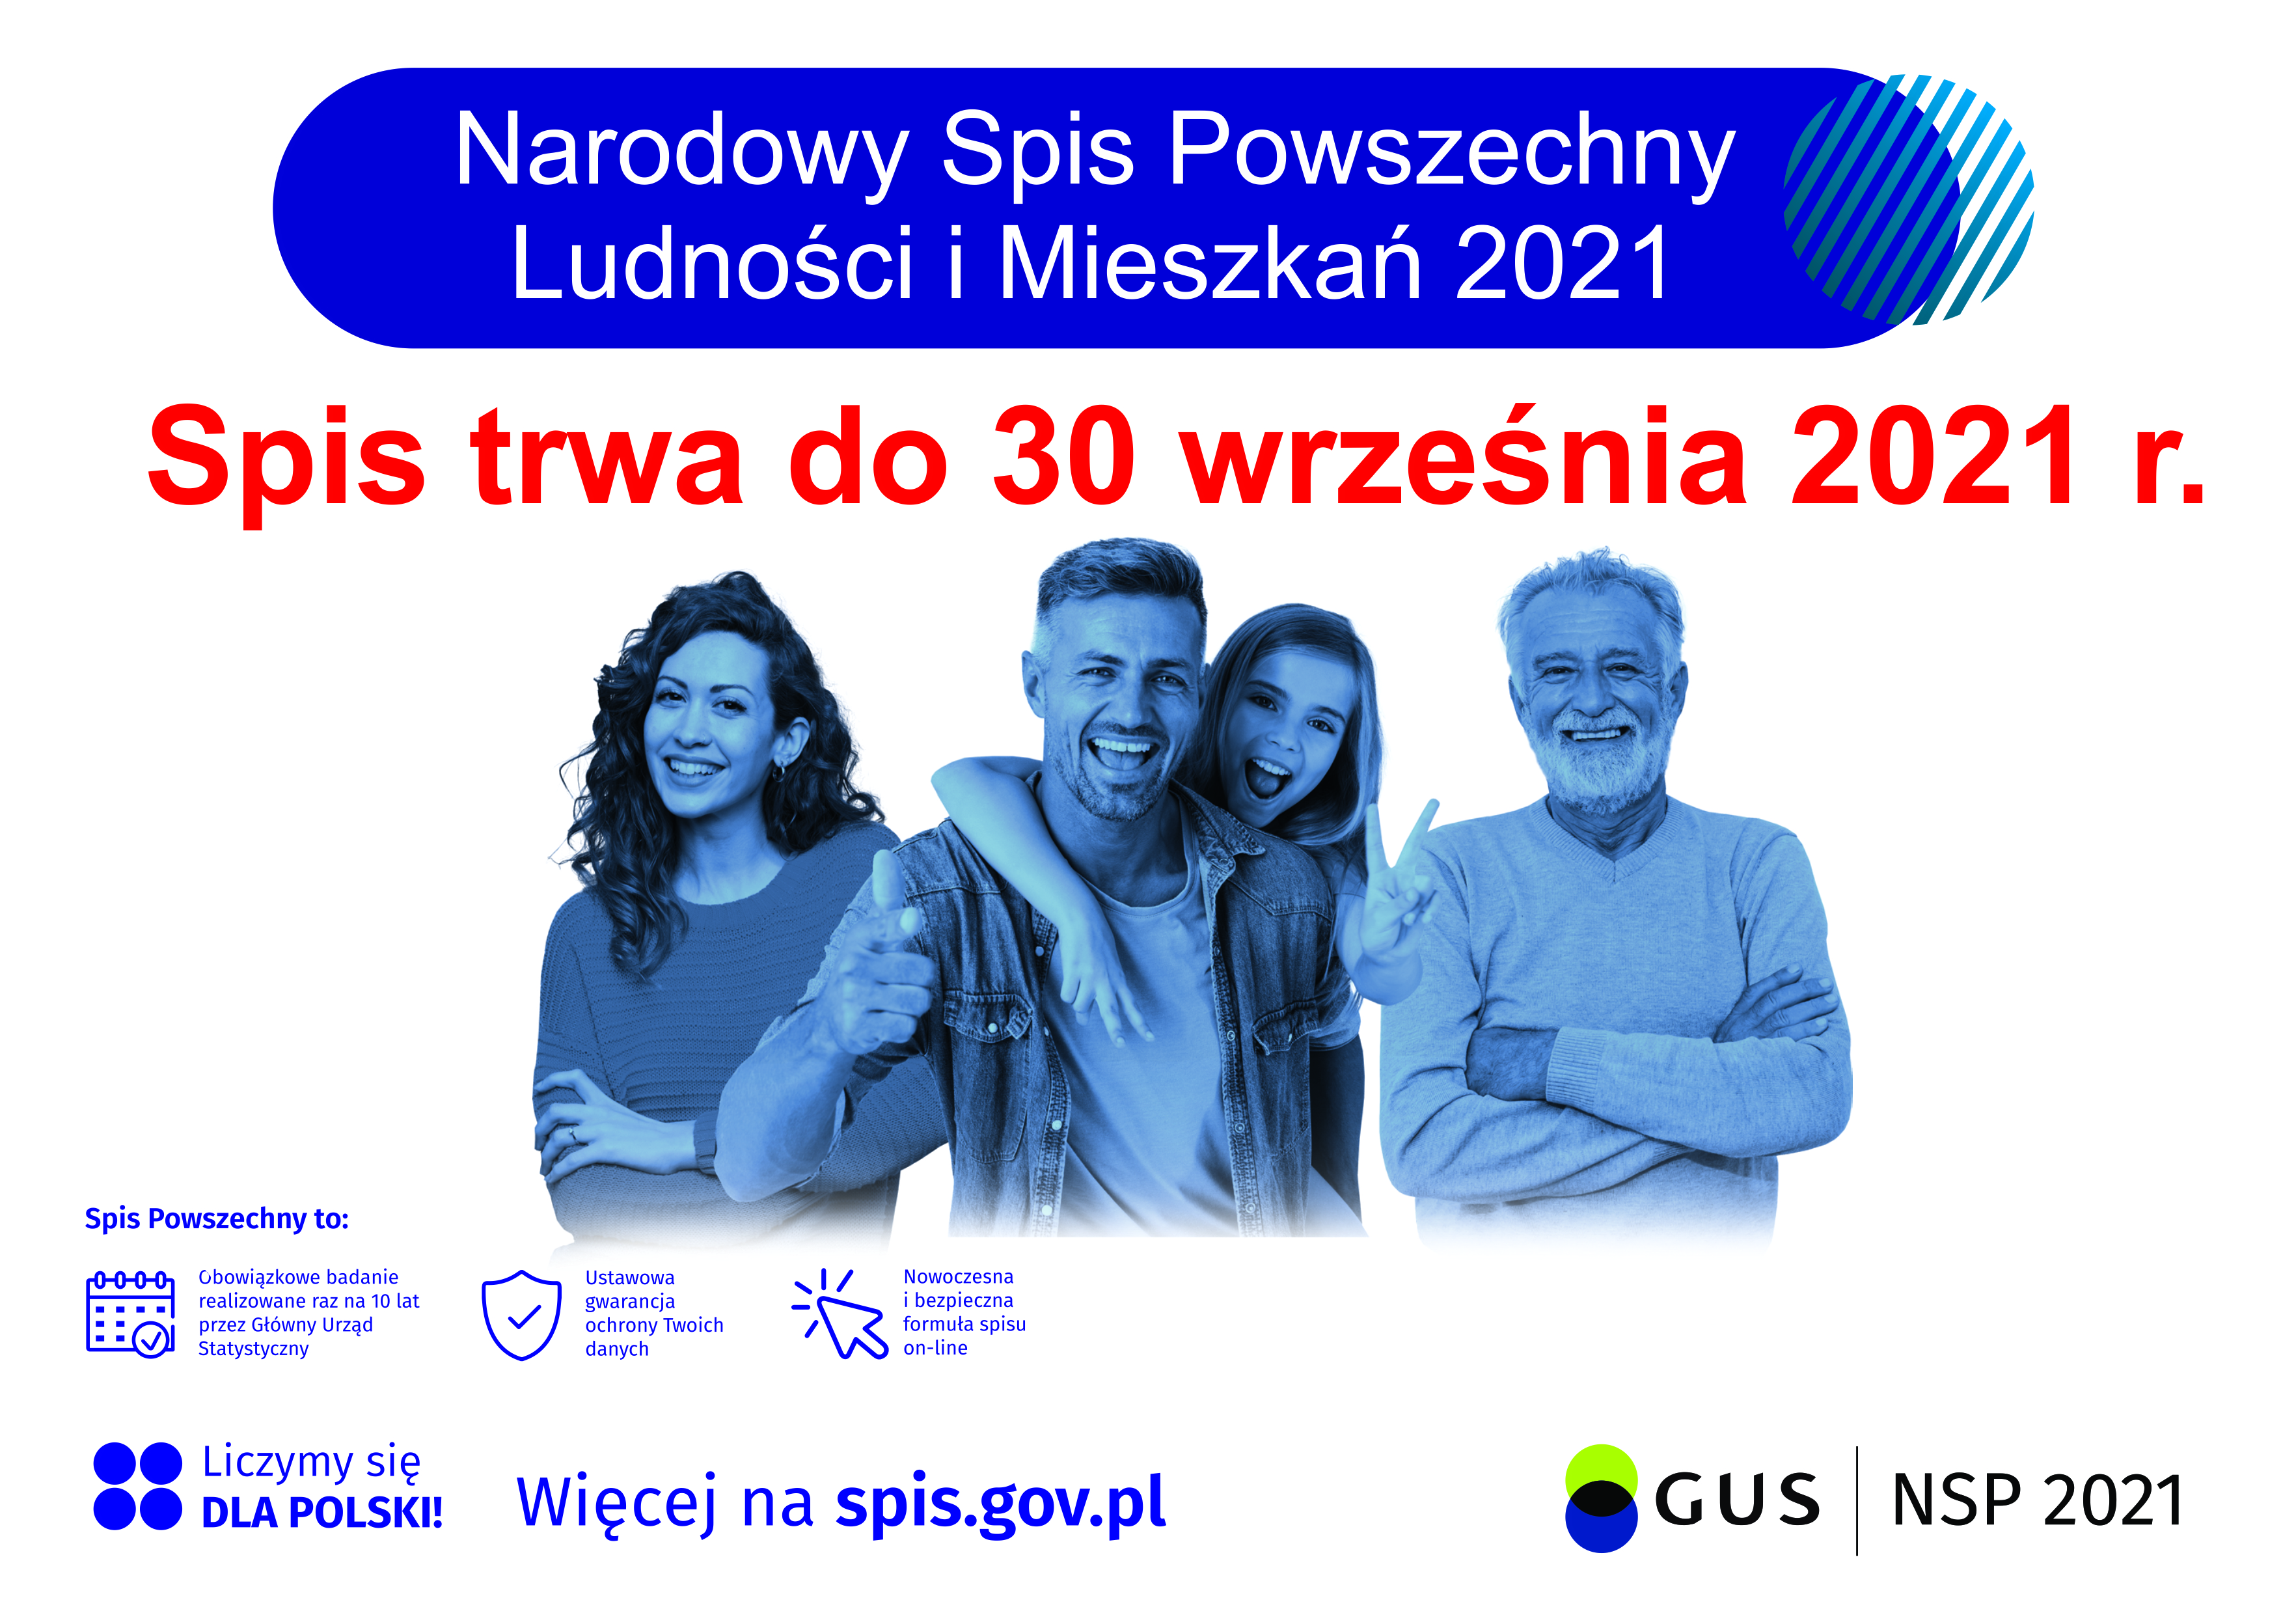 spis powszechny trwa do 30 września 2021 roku